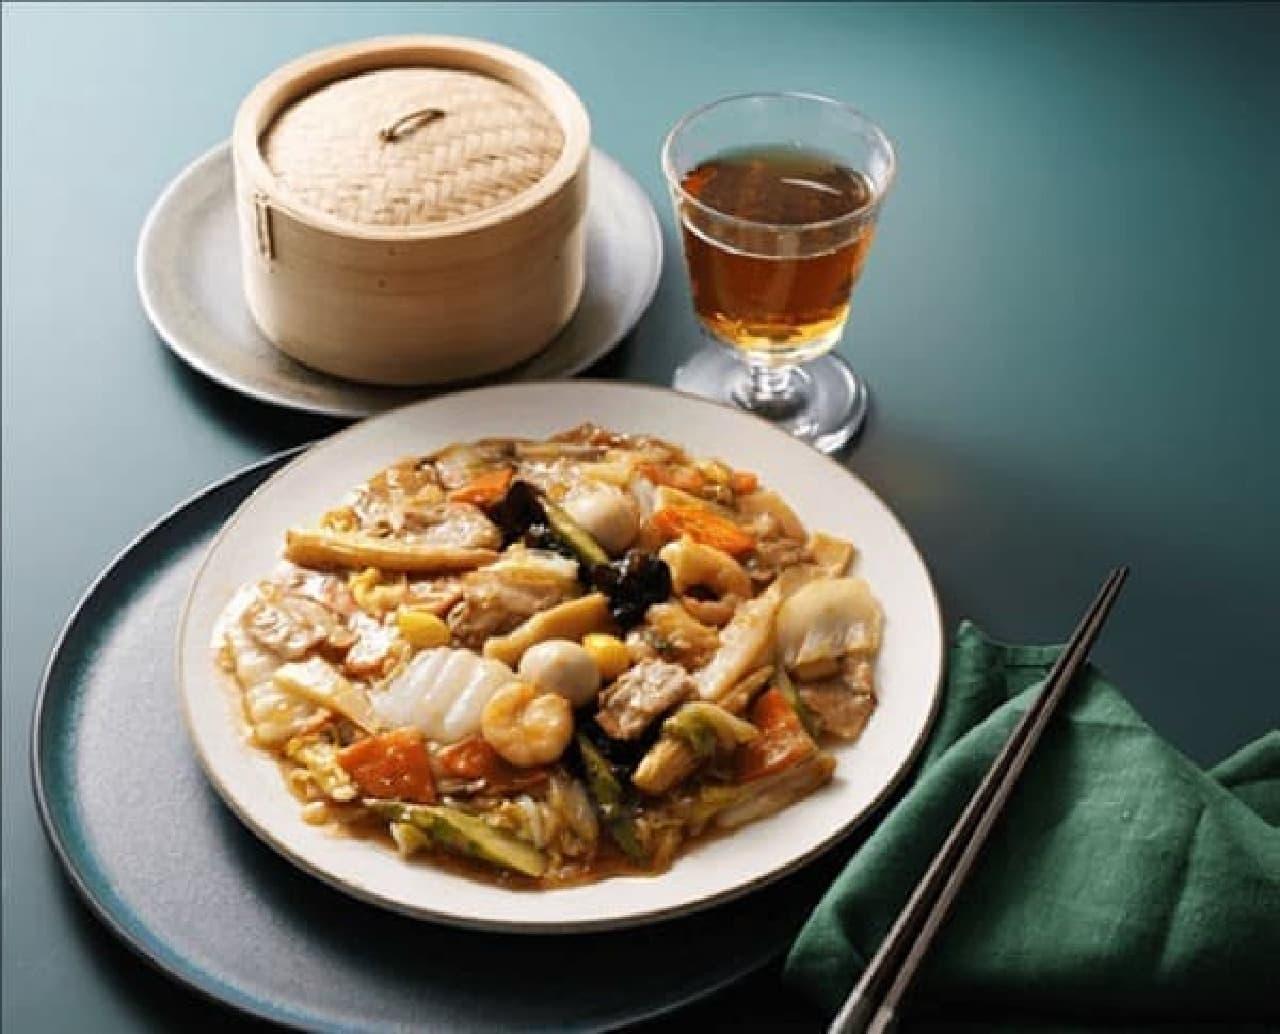 成城石井初のミールキットシリーズ「海老と国産豚肉の海鮮だし八宝菜」